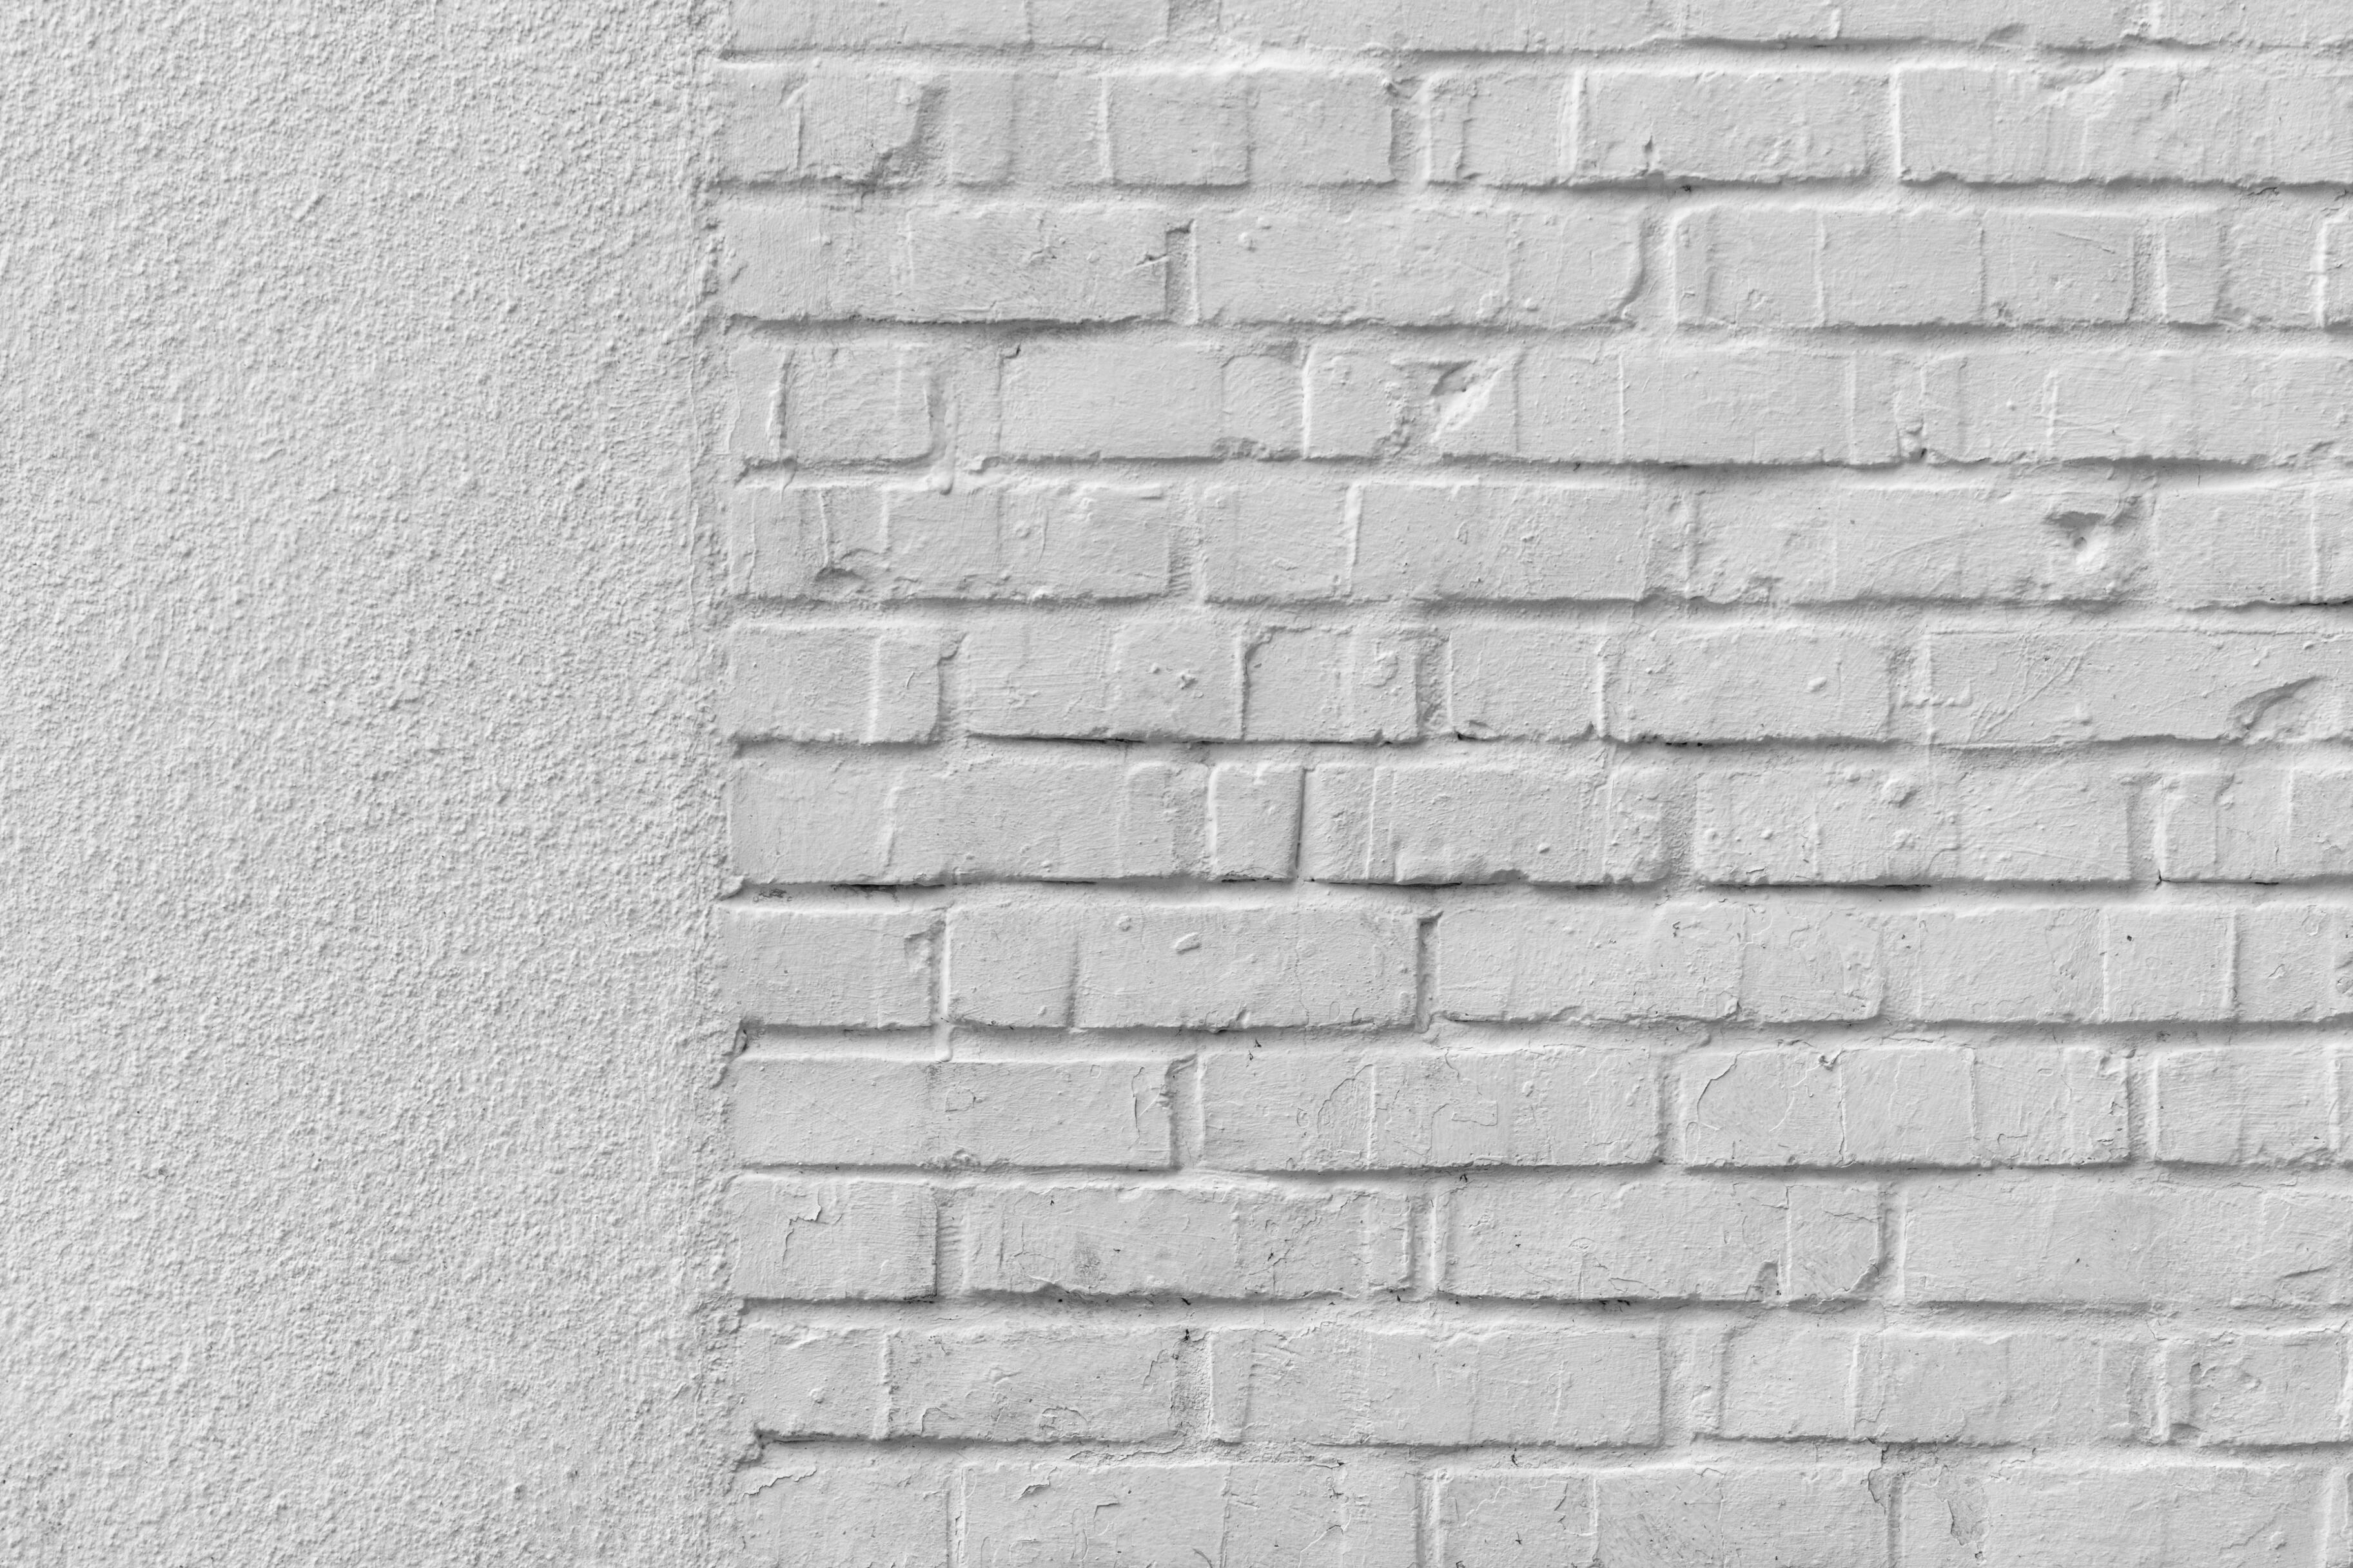 Учёные создали технологию, которая может видеть сквозь стены